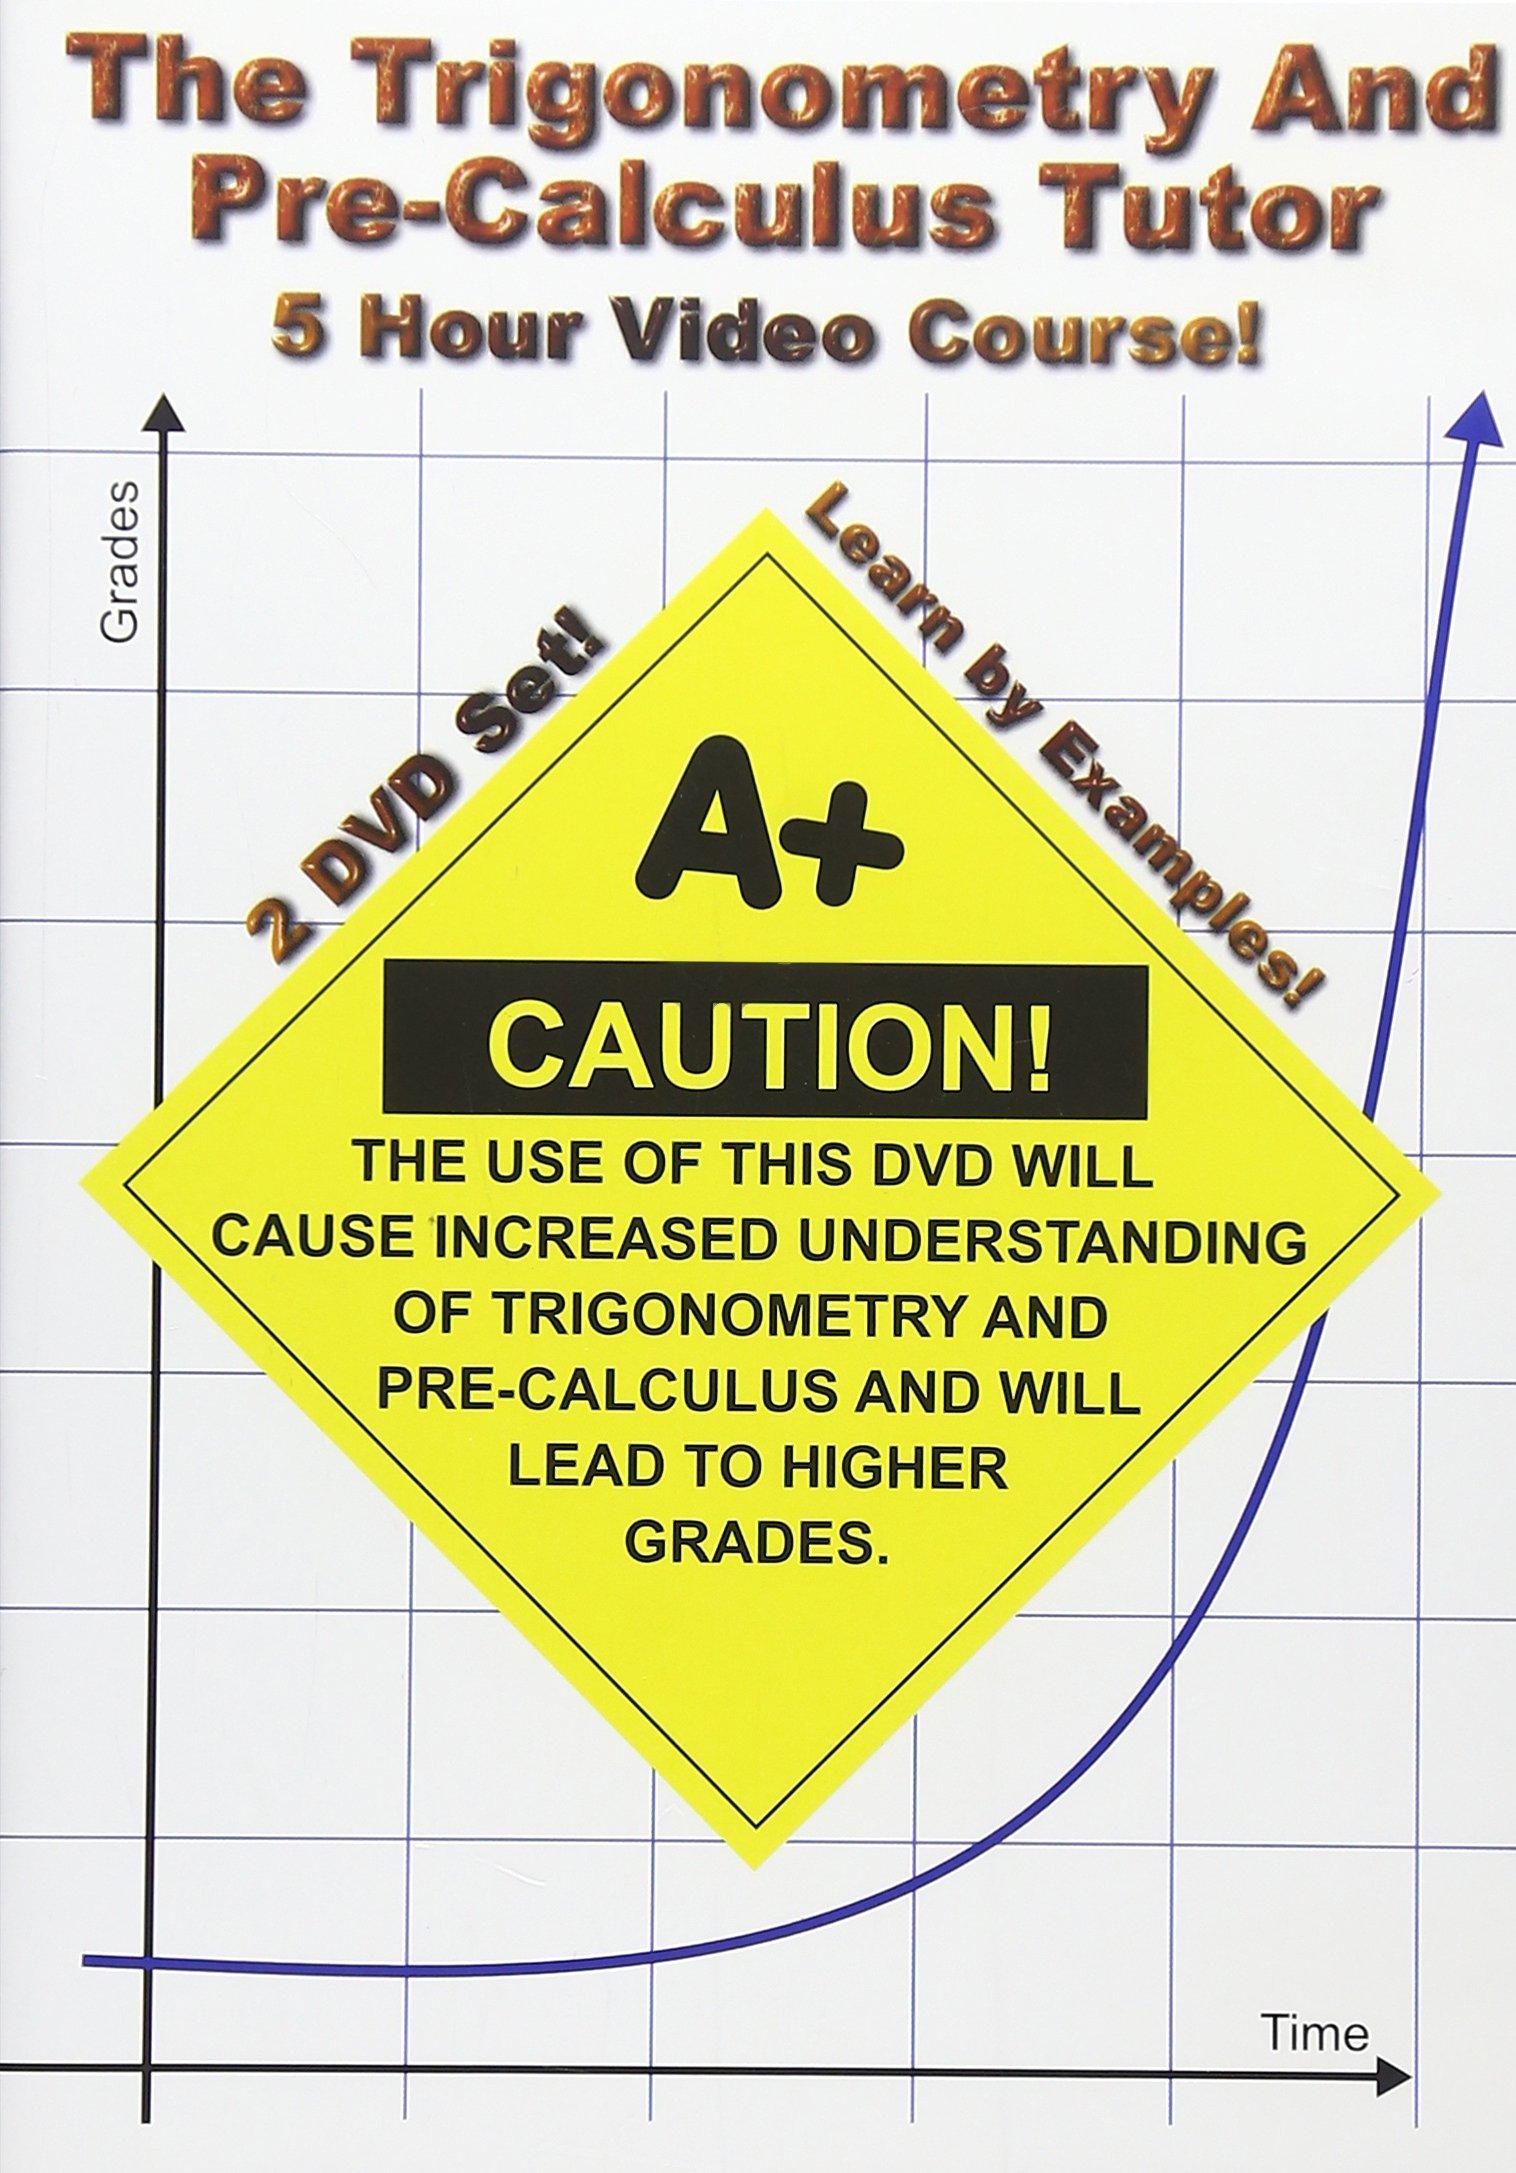 The Trigonometry and Pre-Calculus Tutor - 2 DVD Set! - 5 Hour Course!